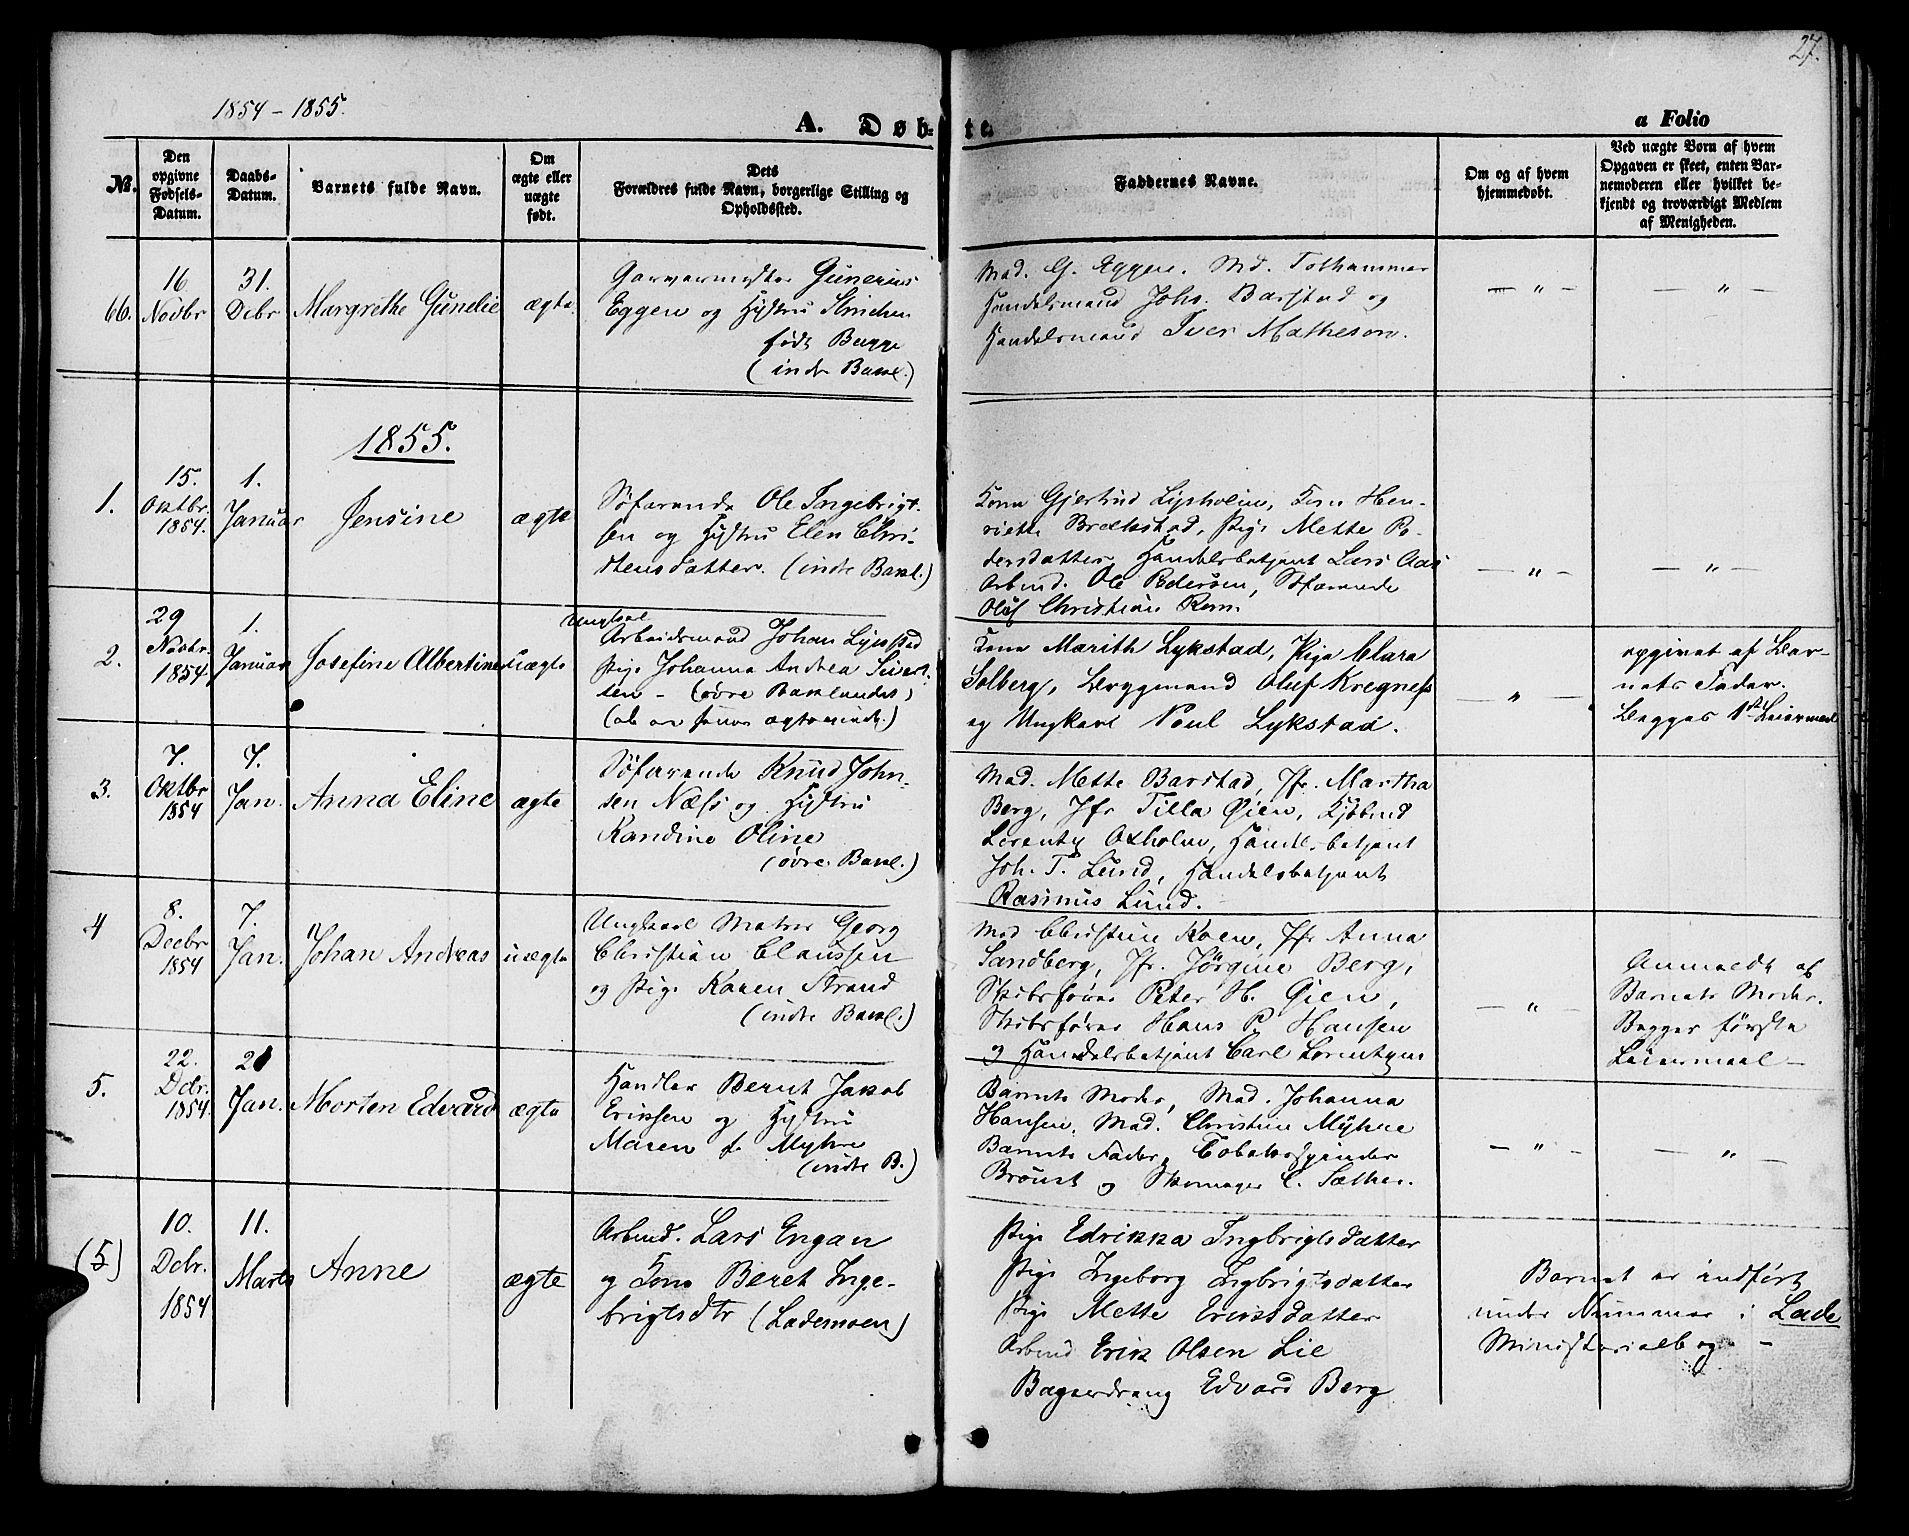 SAT, Ministerialprotokoller, klokkerbøker og fødselsregistre - Sør-Trøndelag, 604/L0184: Ministerialbok nr. 604A05, 1851-1860, s. 27